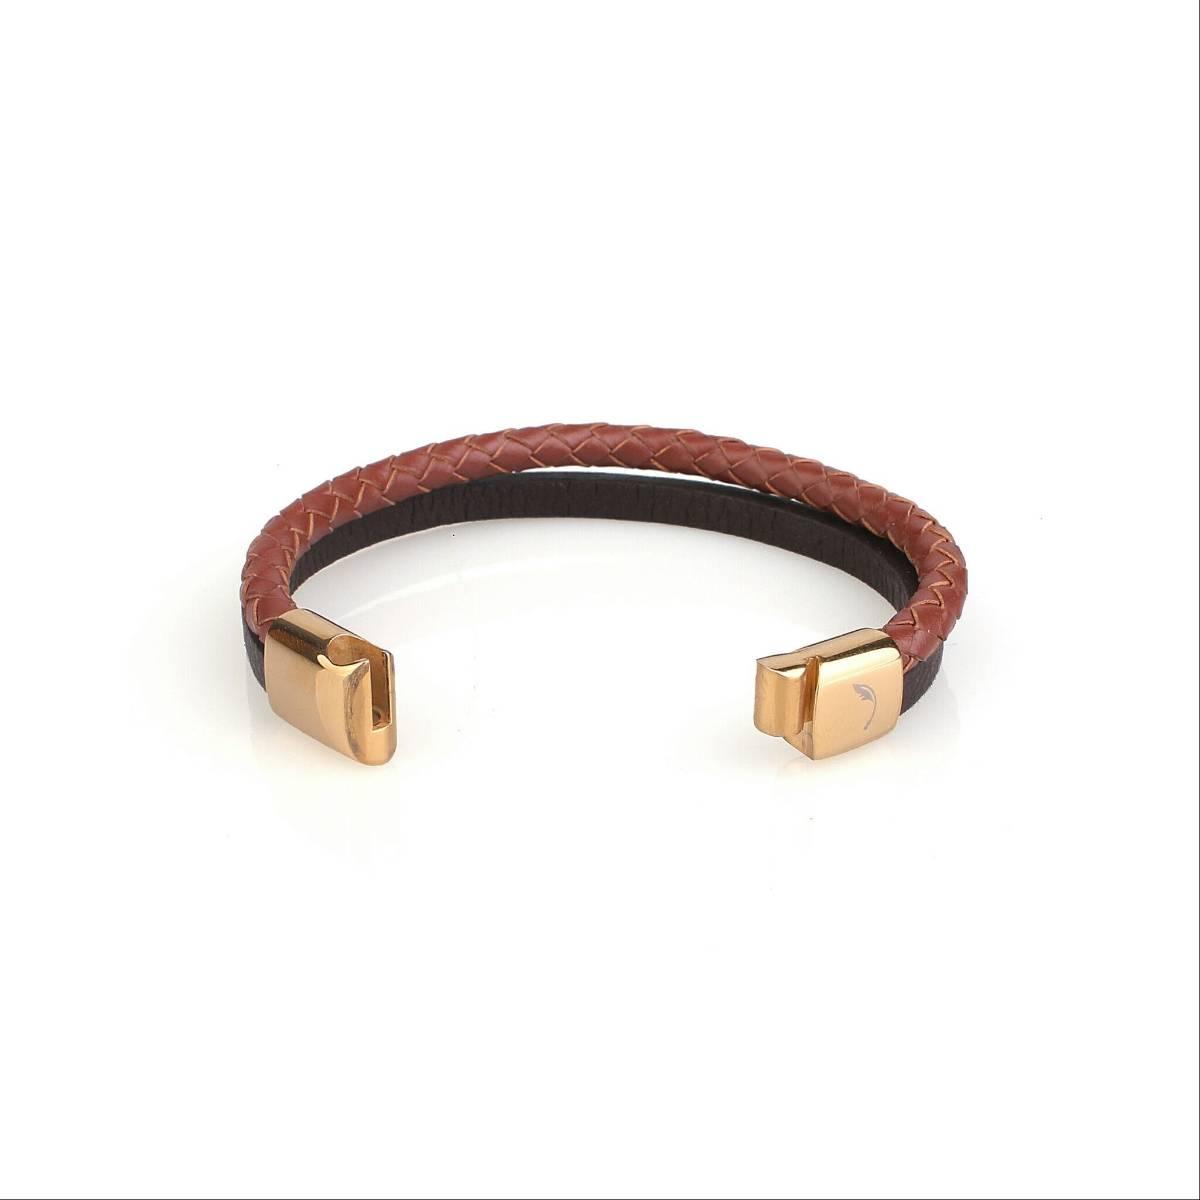 Two Tone Snap Guten Bracelet2